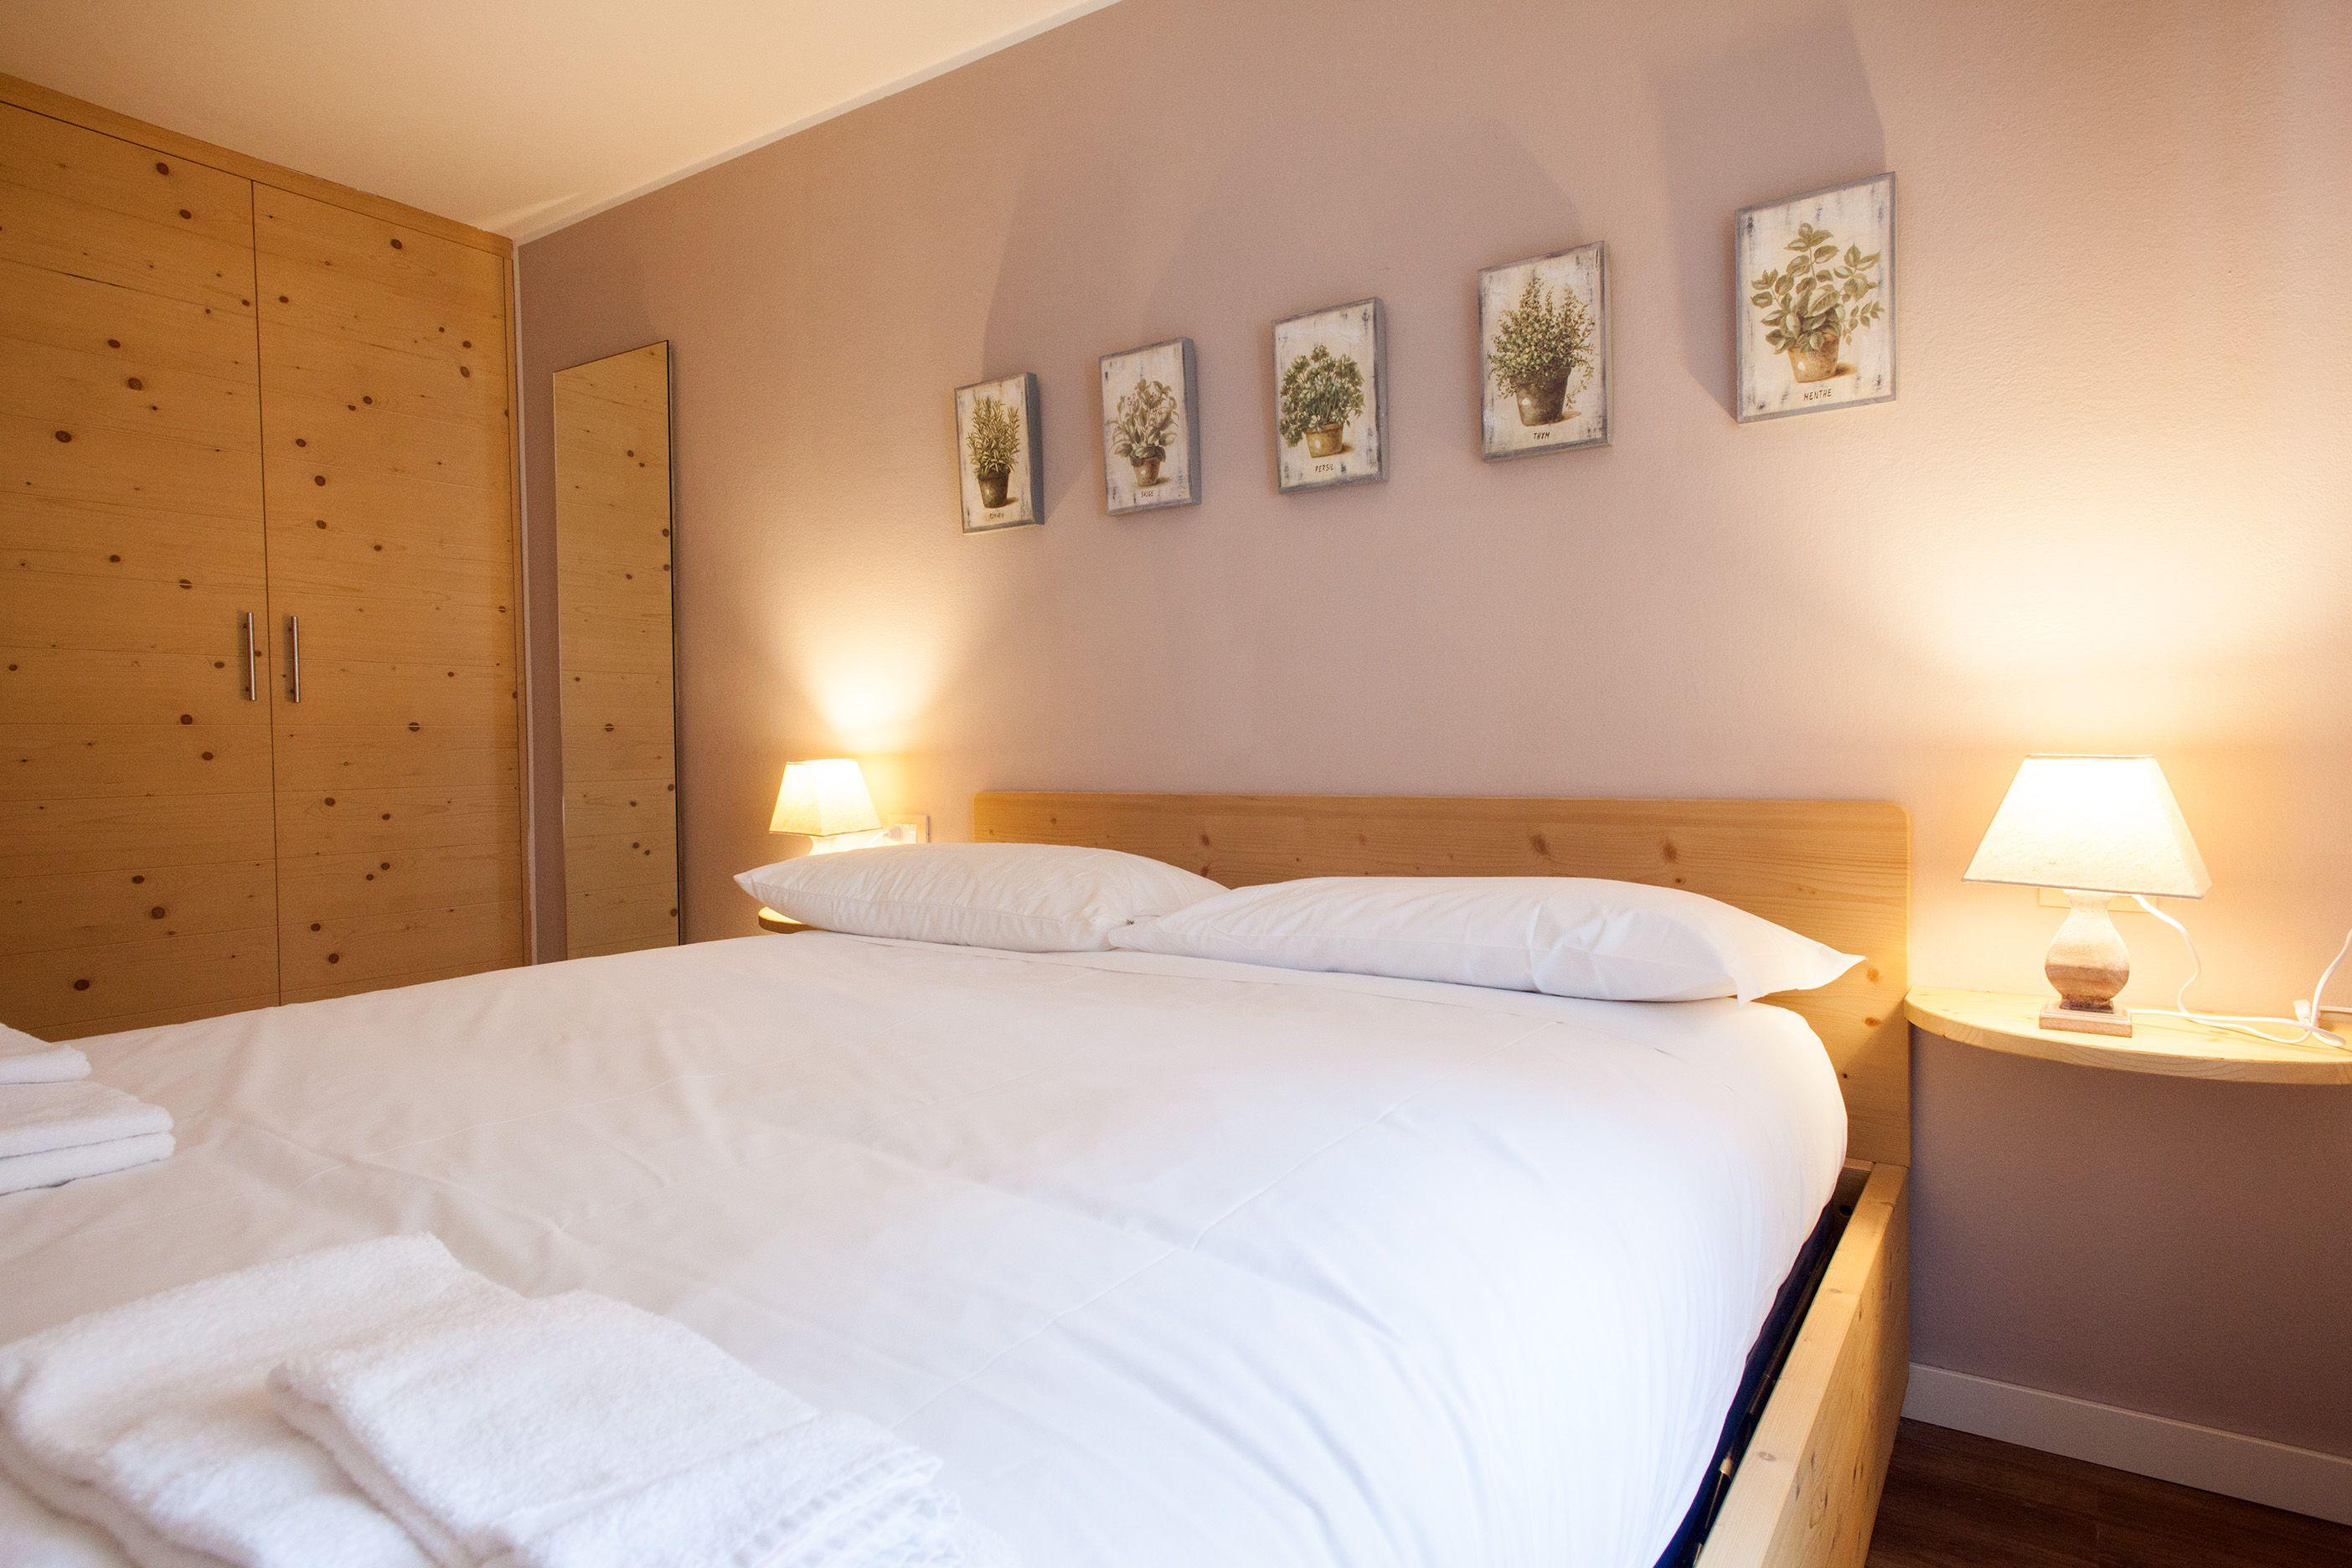 Alojamiento de 1 habitación con wi-fi